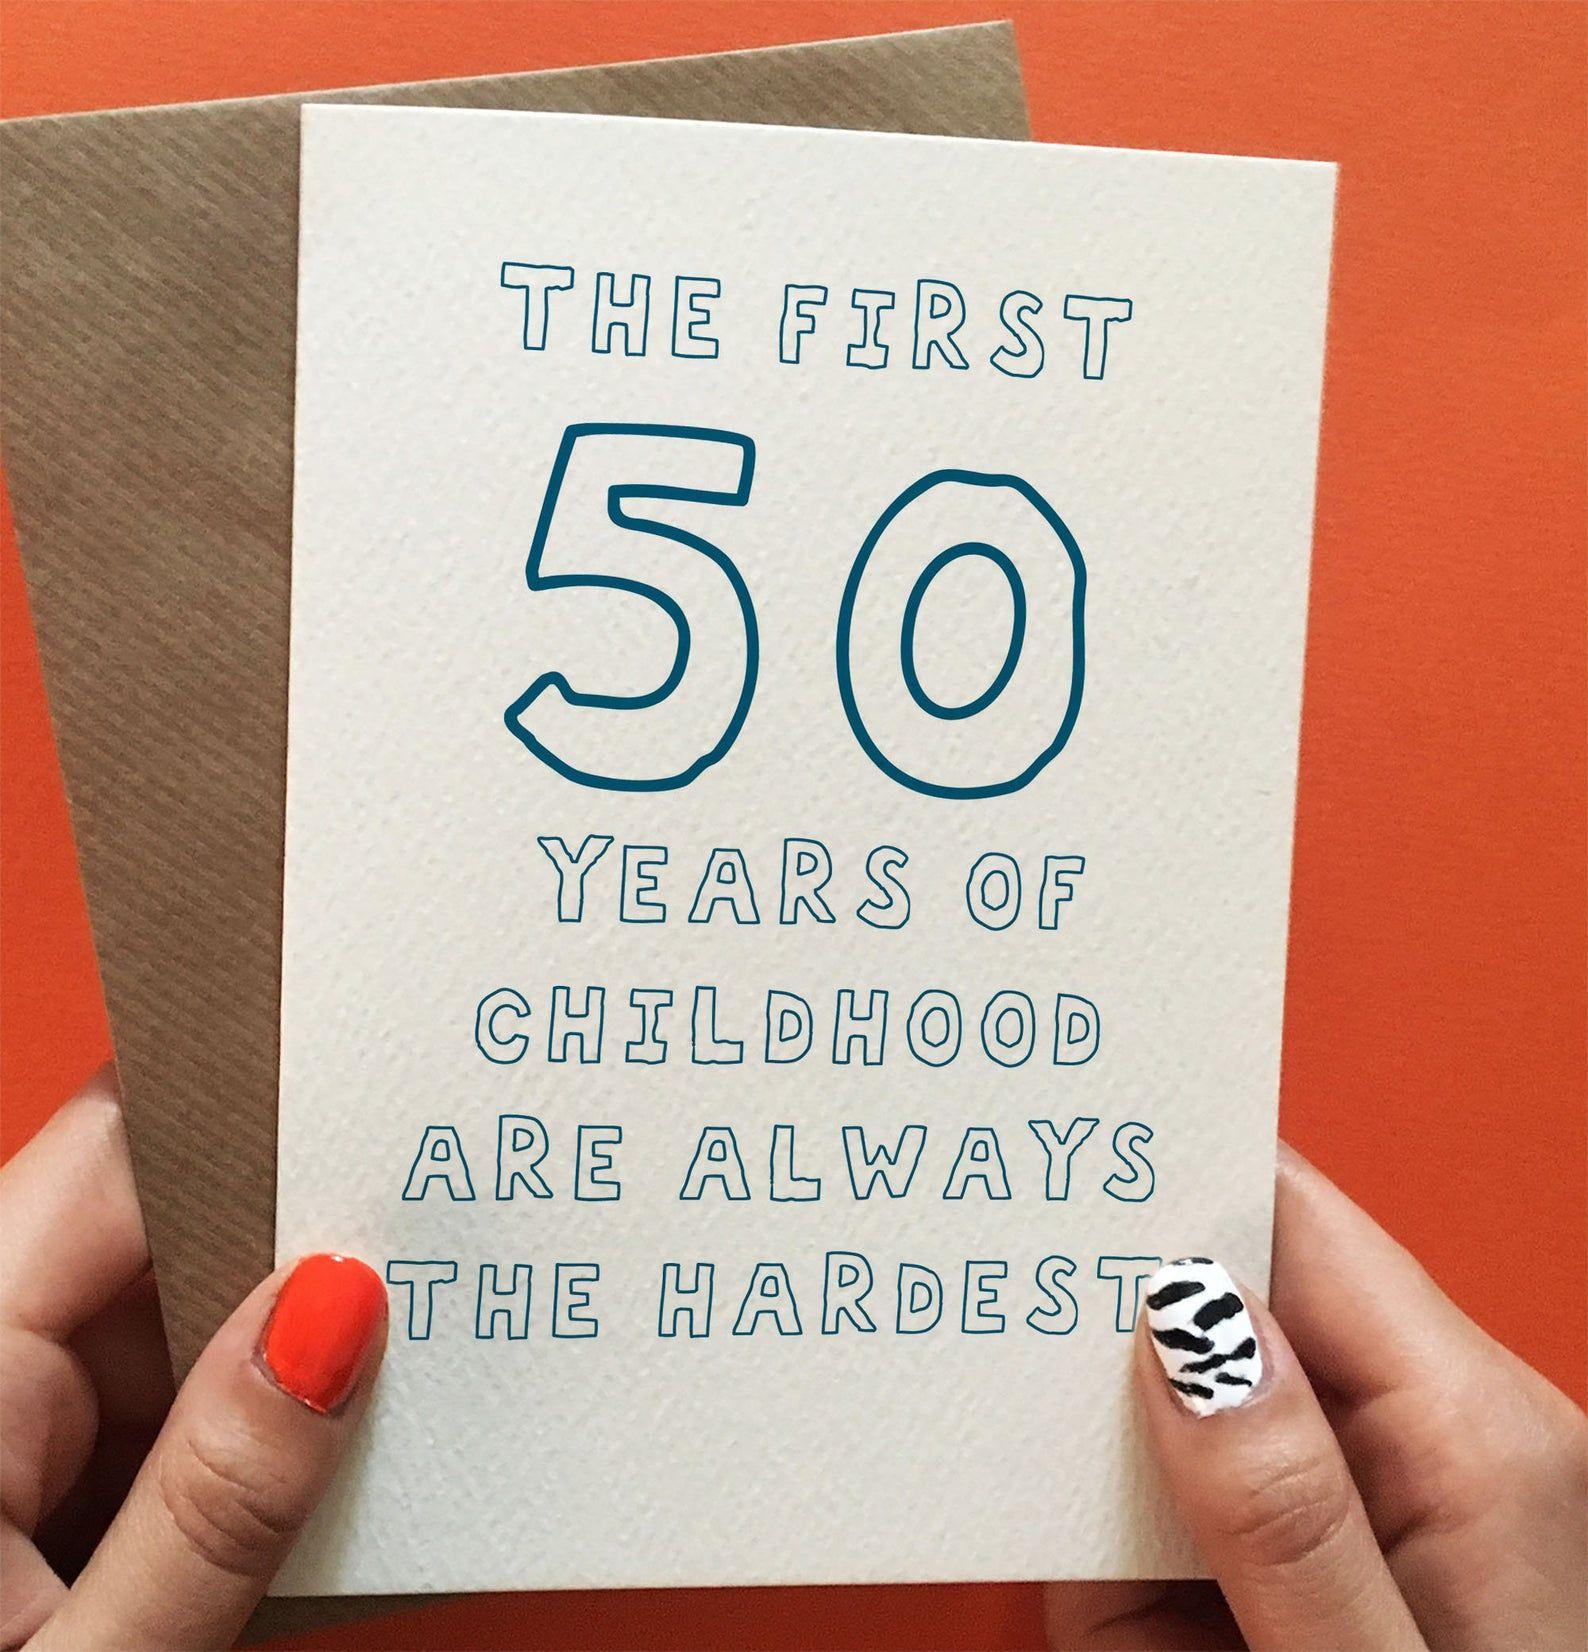 Funny 50th Birthday Card Husband 50th Birthday Card 50th Birthday Card For Brother Dad Or Friend Funny 50th Birthday Gift For Him Birthday Cards For Brother Birthday Cards For Son Dad